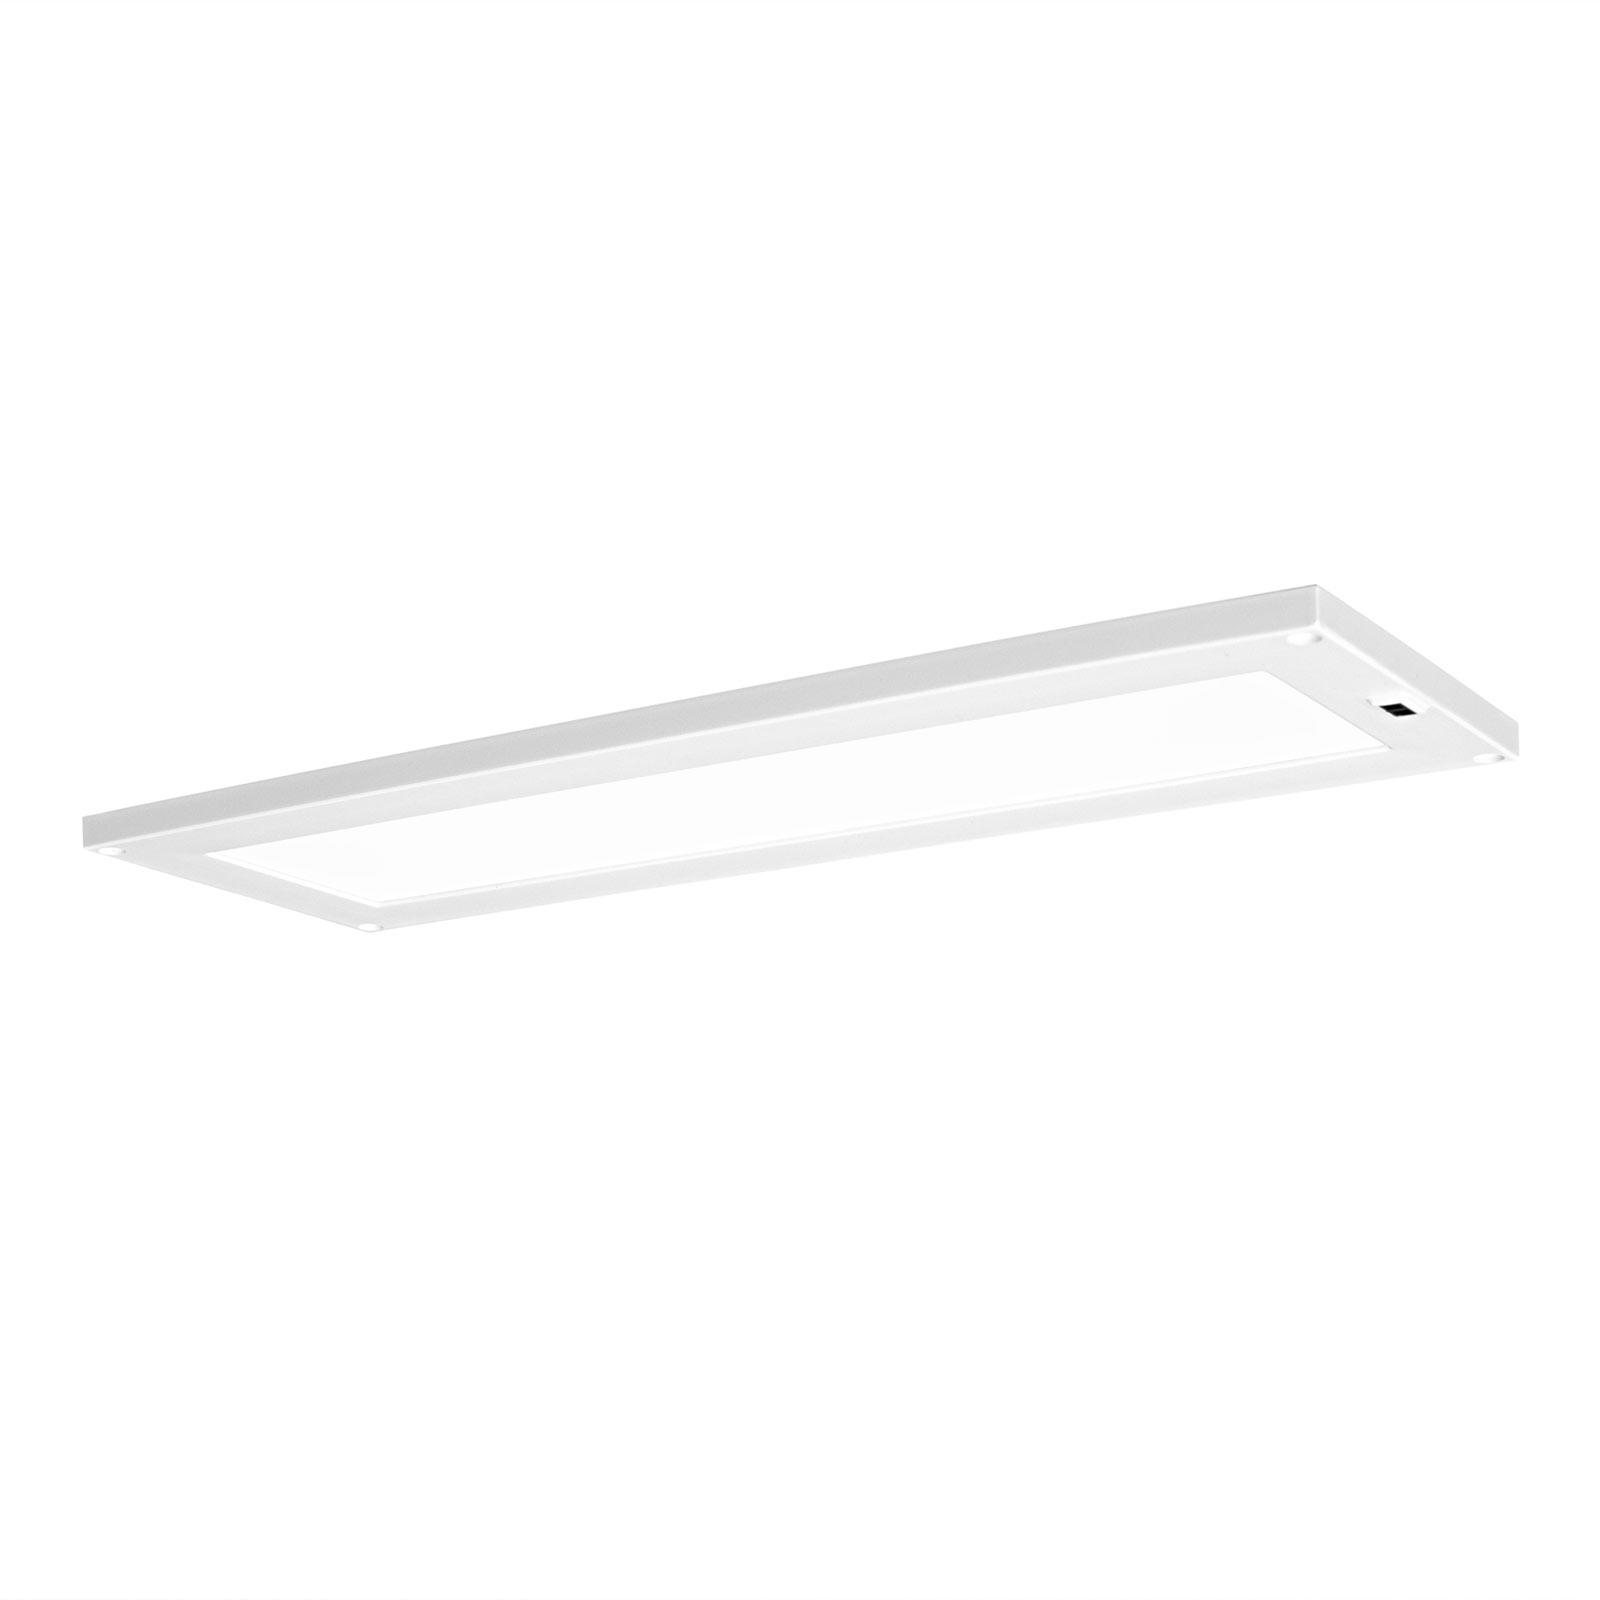 LEDVANCE Cabinet Panel underskabslampe 30x10 cm